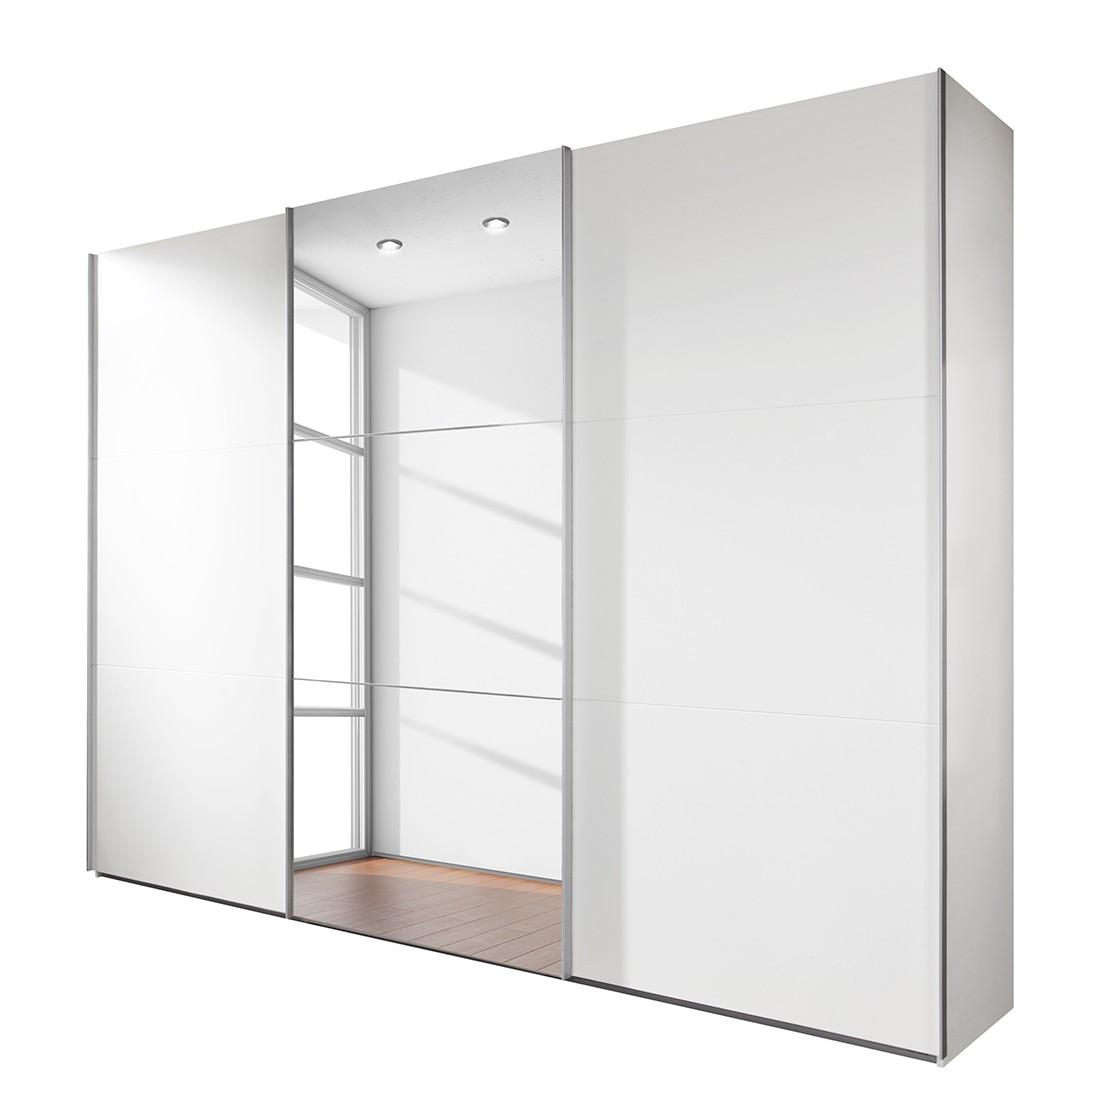 Armadio ad ante scorrevoli MatchUp III (con specchio) - Bianco alpino - Larghezza: x altezza: 225 x 210 cm - 2 ante, Wimex